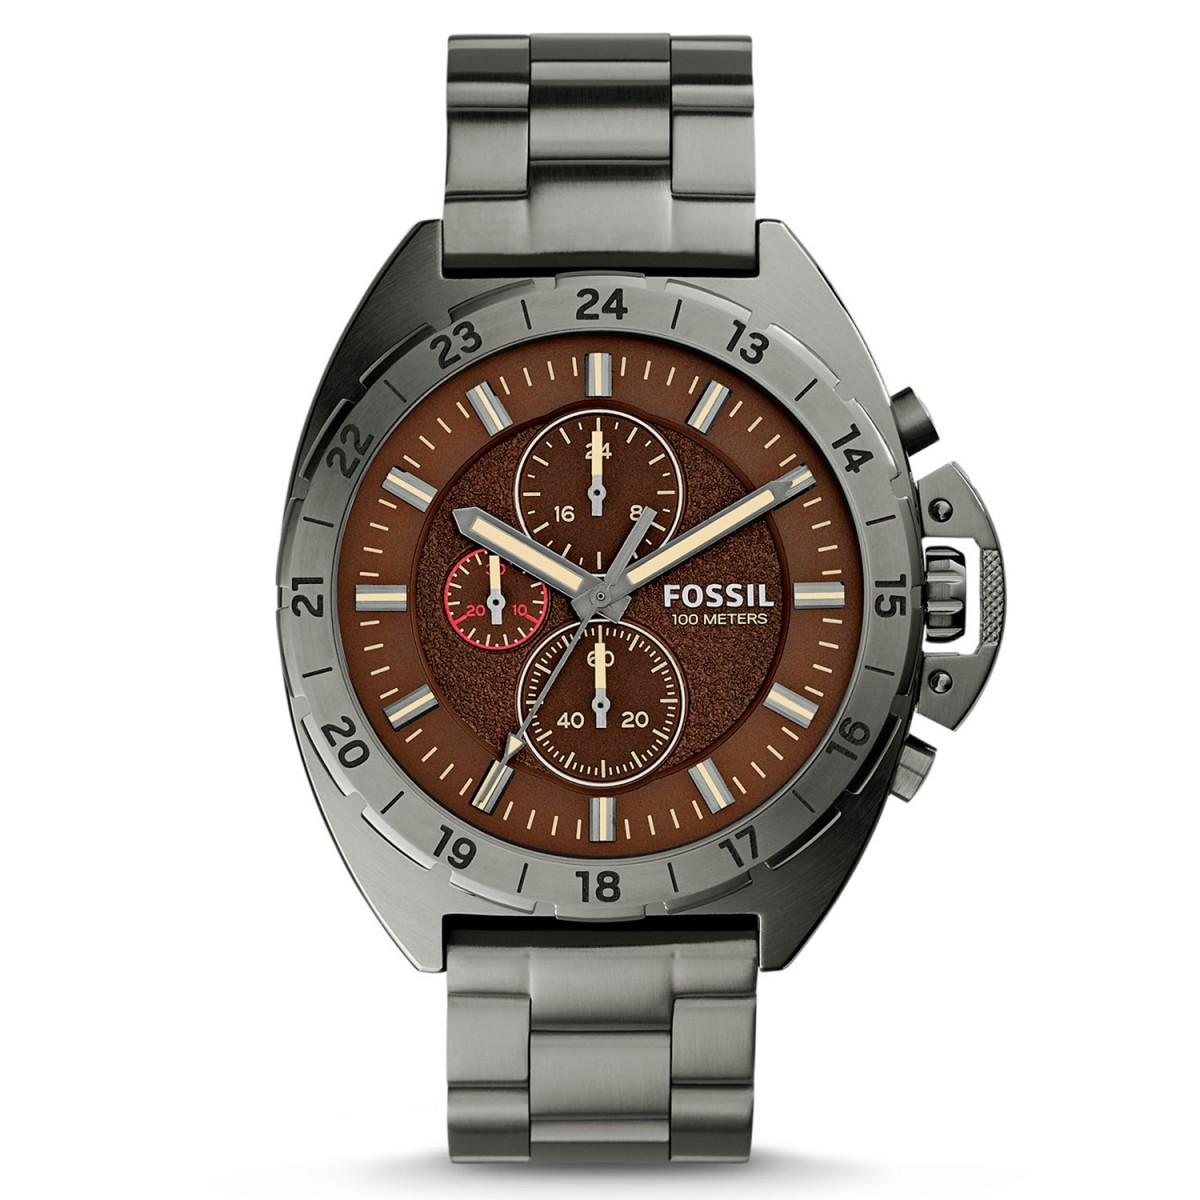 Compre Relógio Fossil Breaker em 10X   Tri-Jóia Shop 53e3e04e97